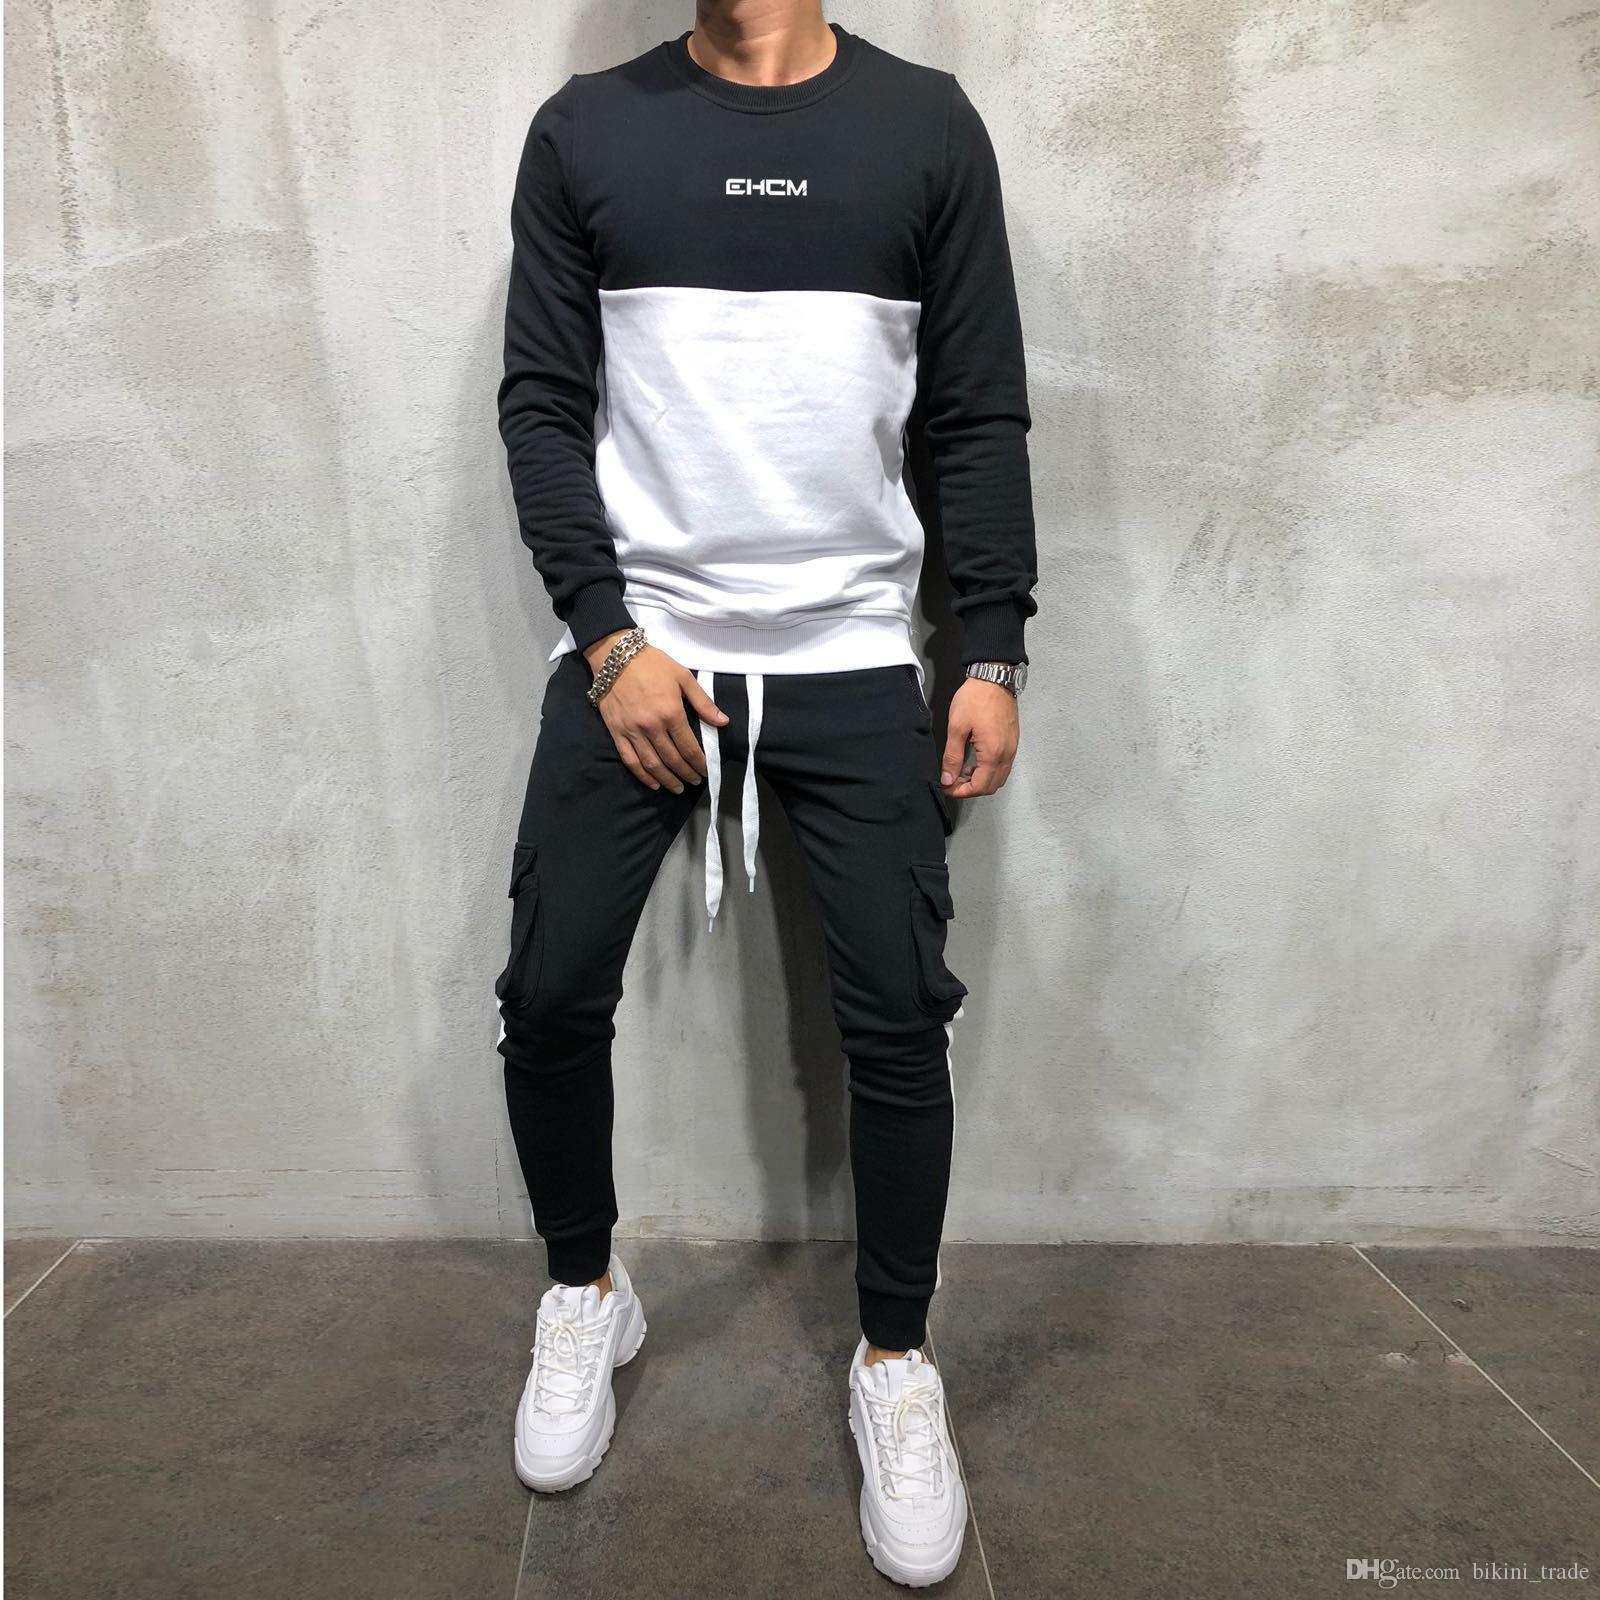 08465d7e0 Compre Nuevos Sudaderas Con Capucha De Otoño Para Hombre Tops Pullover  Conjunto De Chándal Hombre Sudadera Pantalones De Chándal Pantalones De  Moda De ...